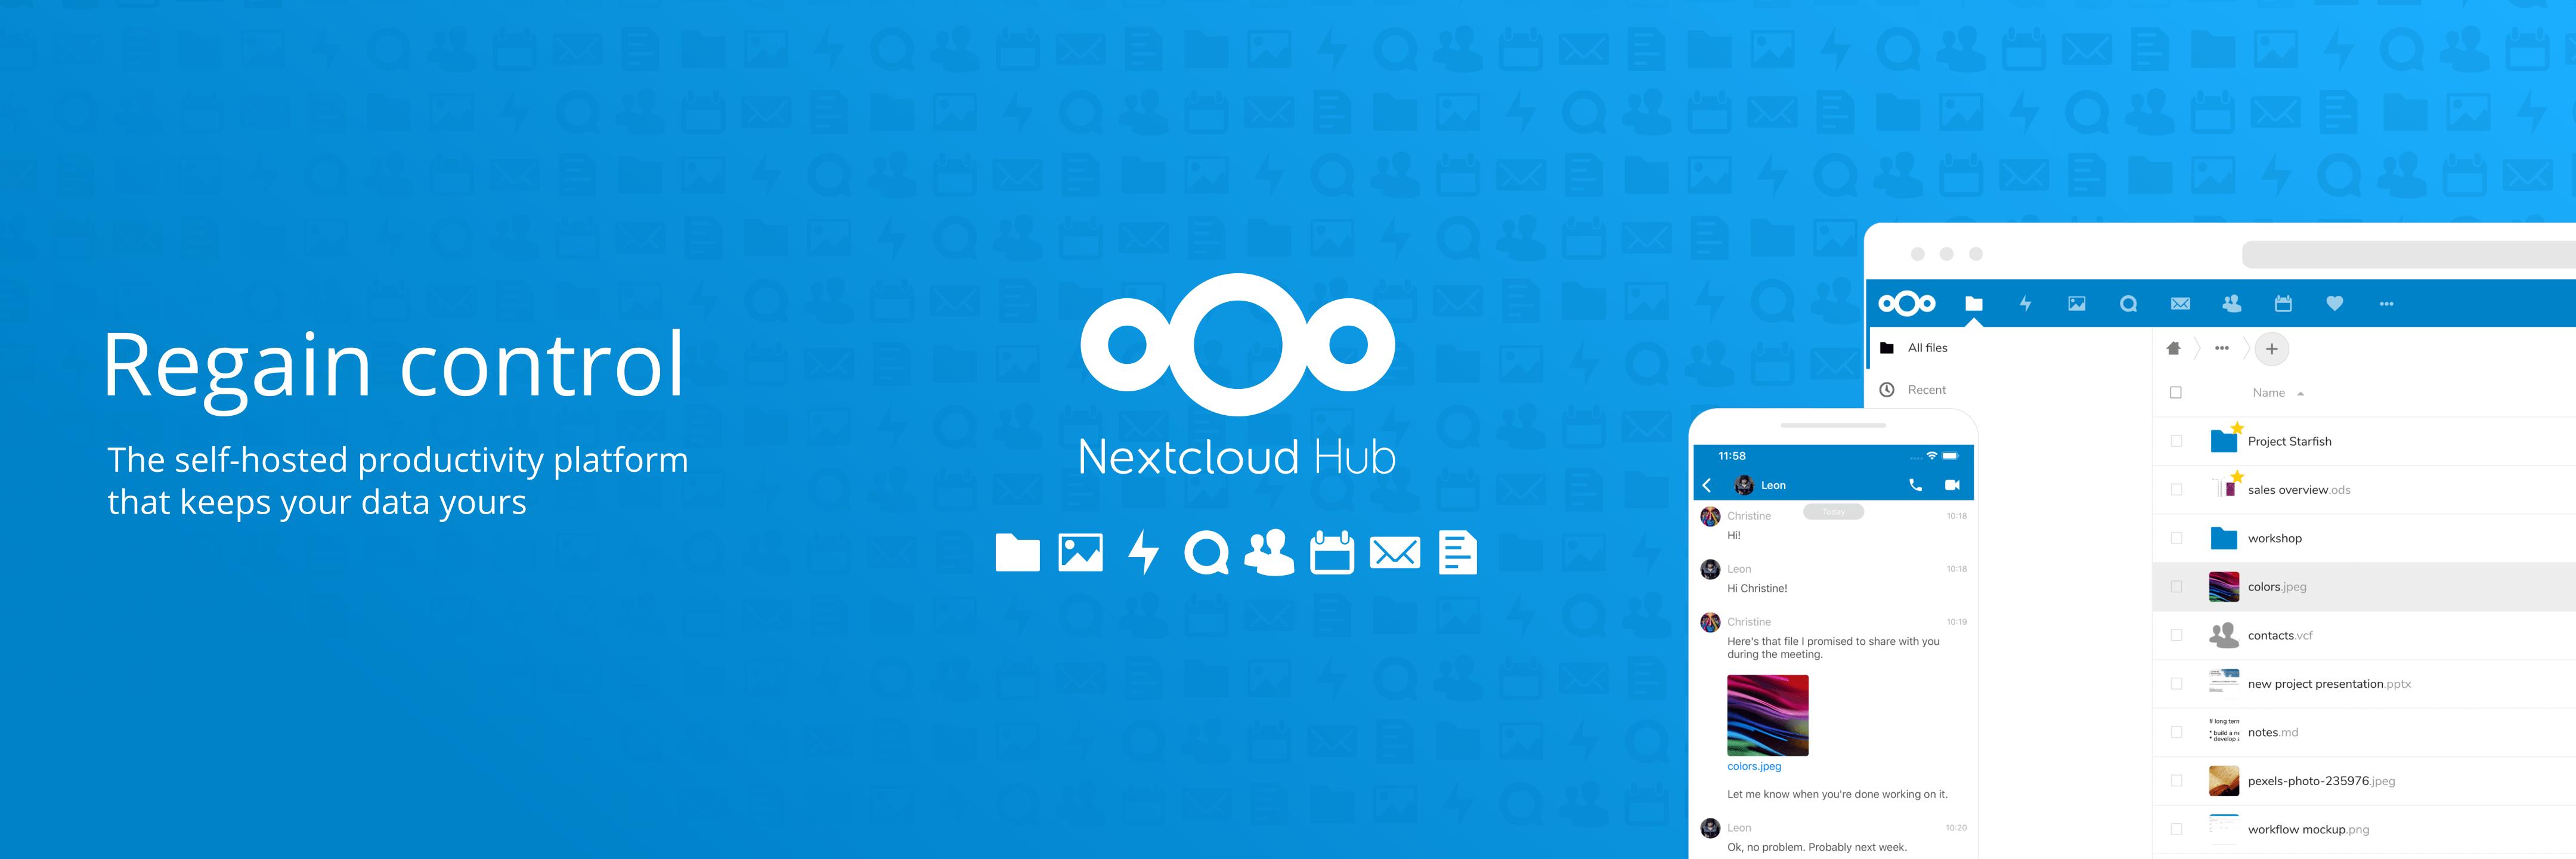 Nextcloud banner